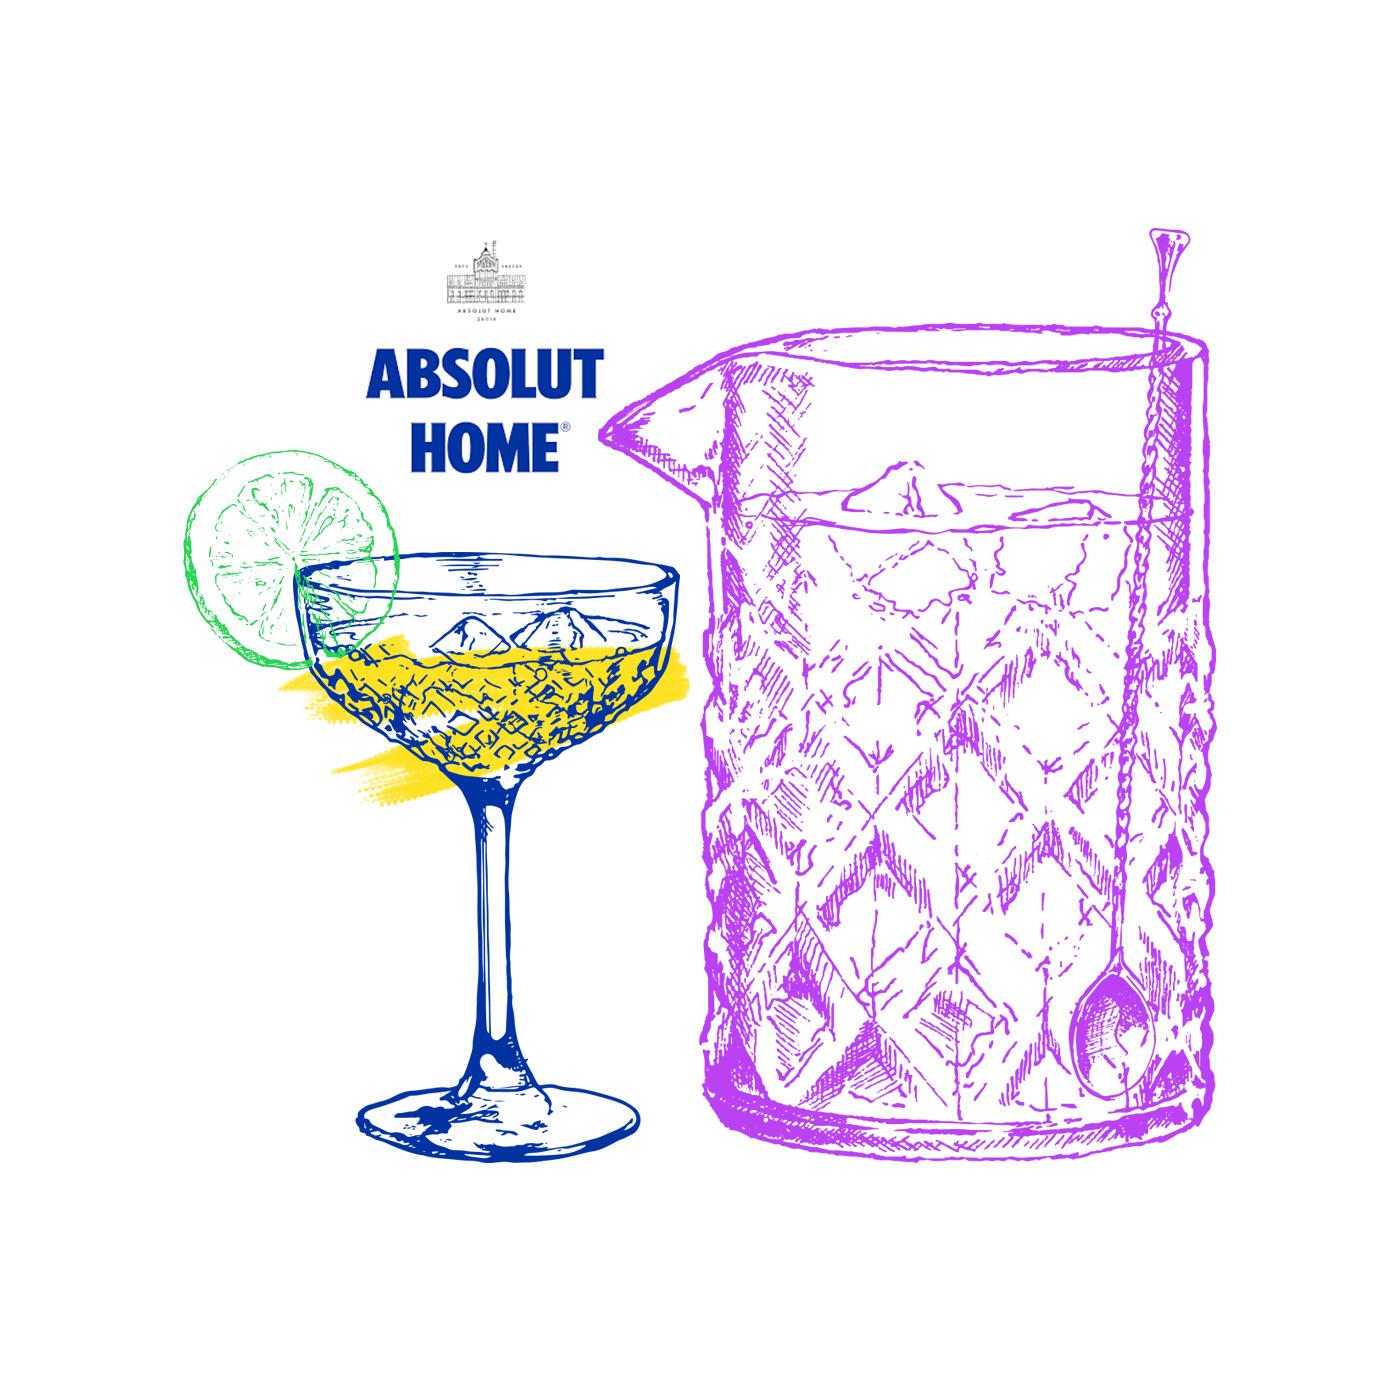 Absolut Home illustration Ronny Bergfeldt.jpg